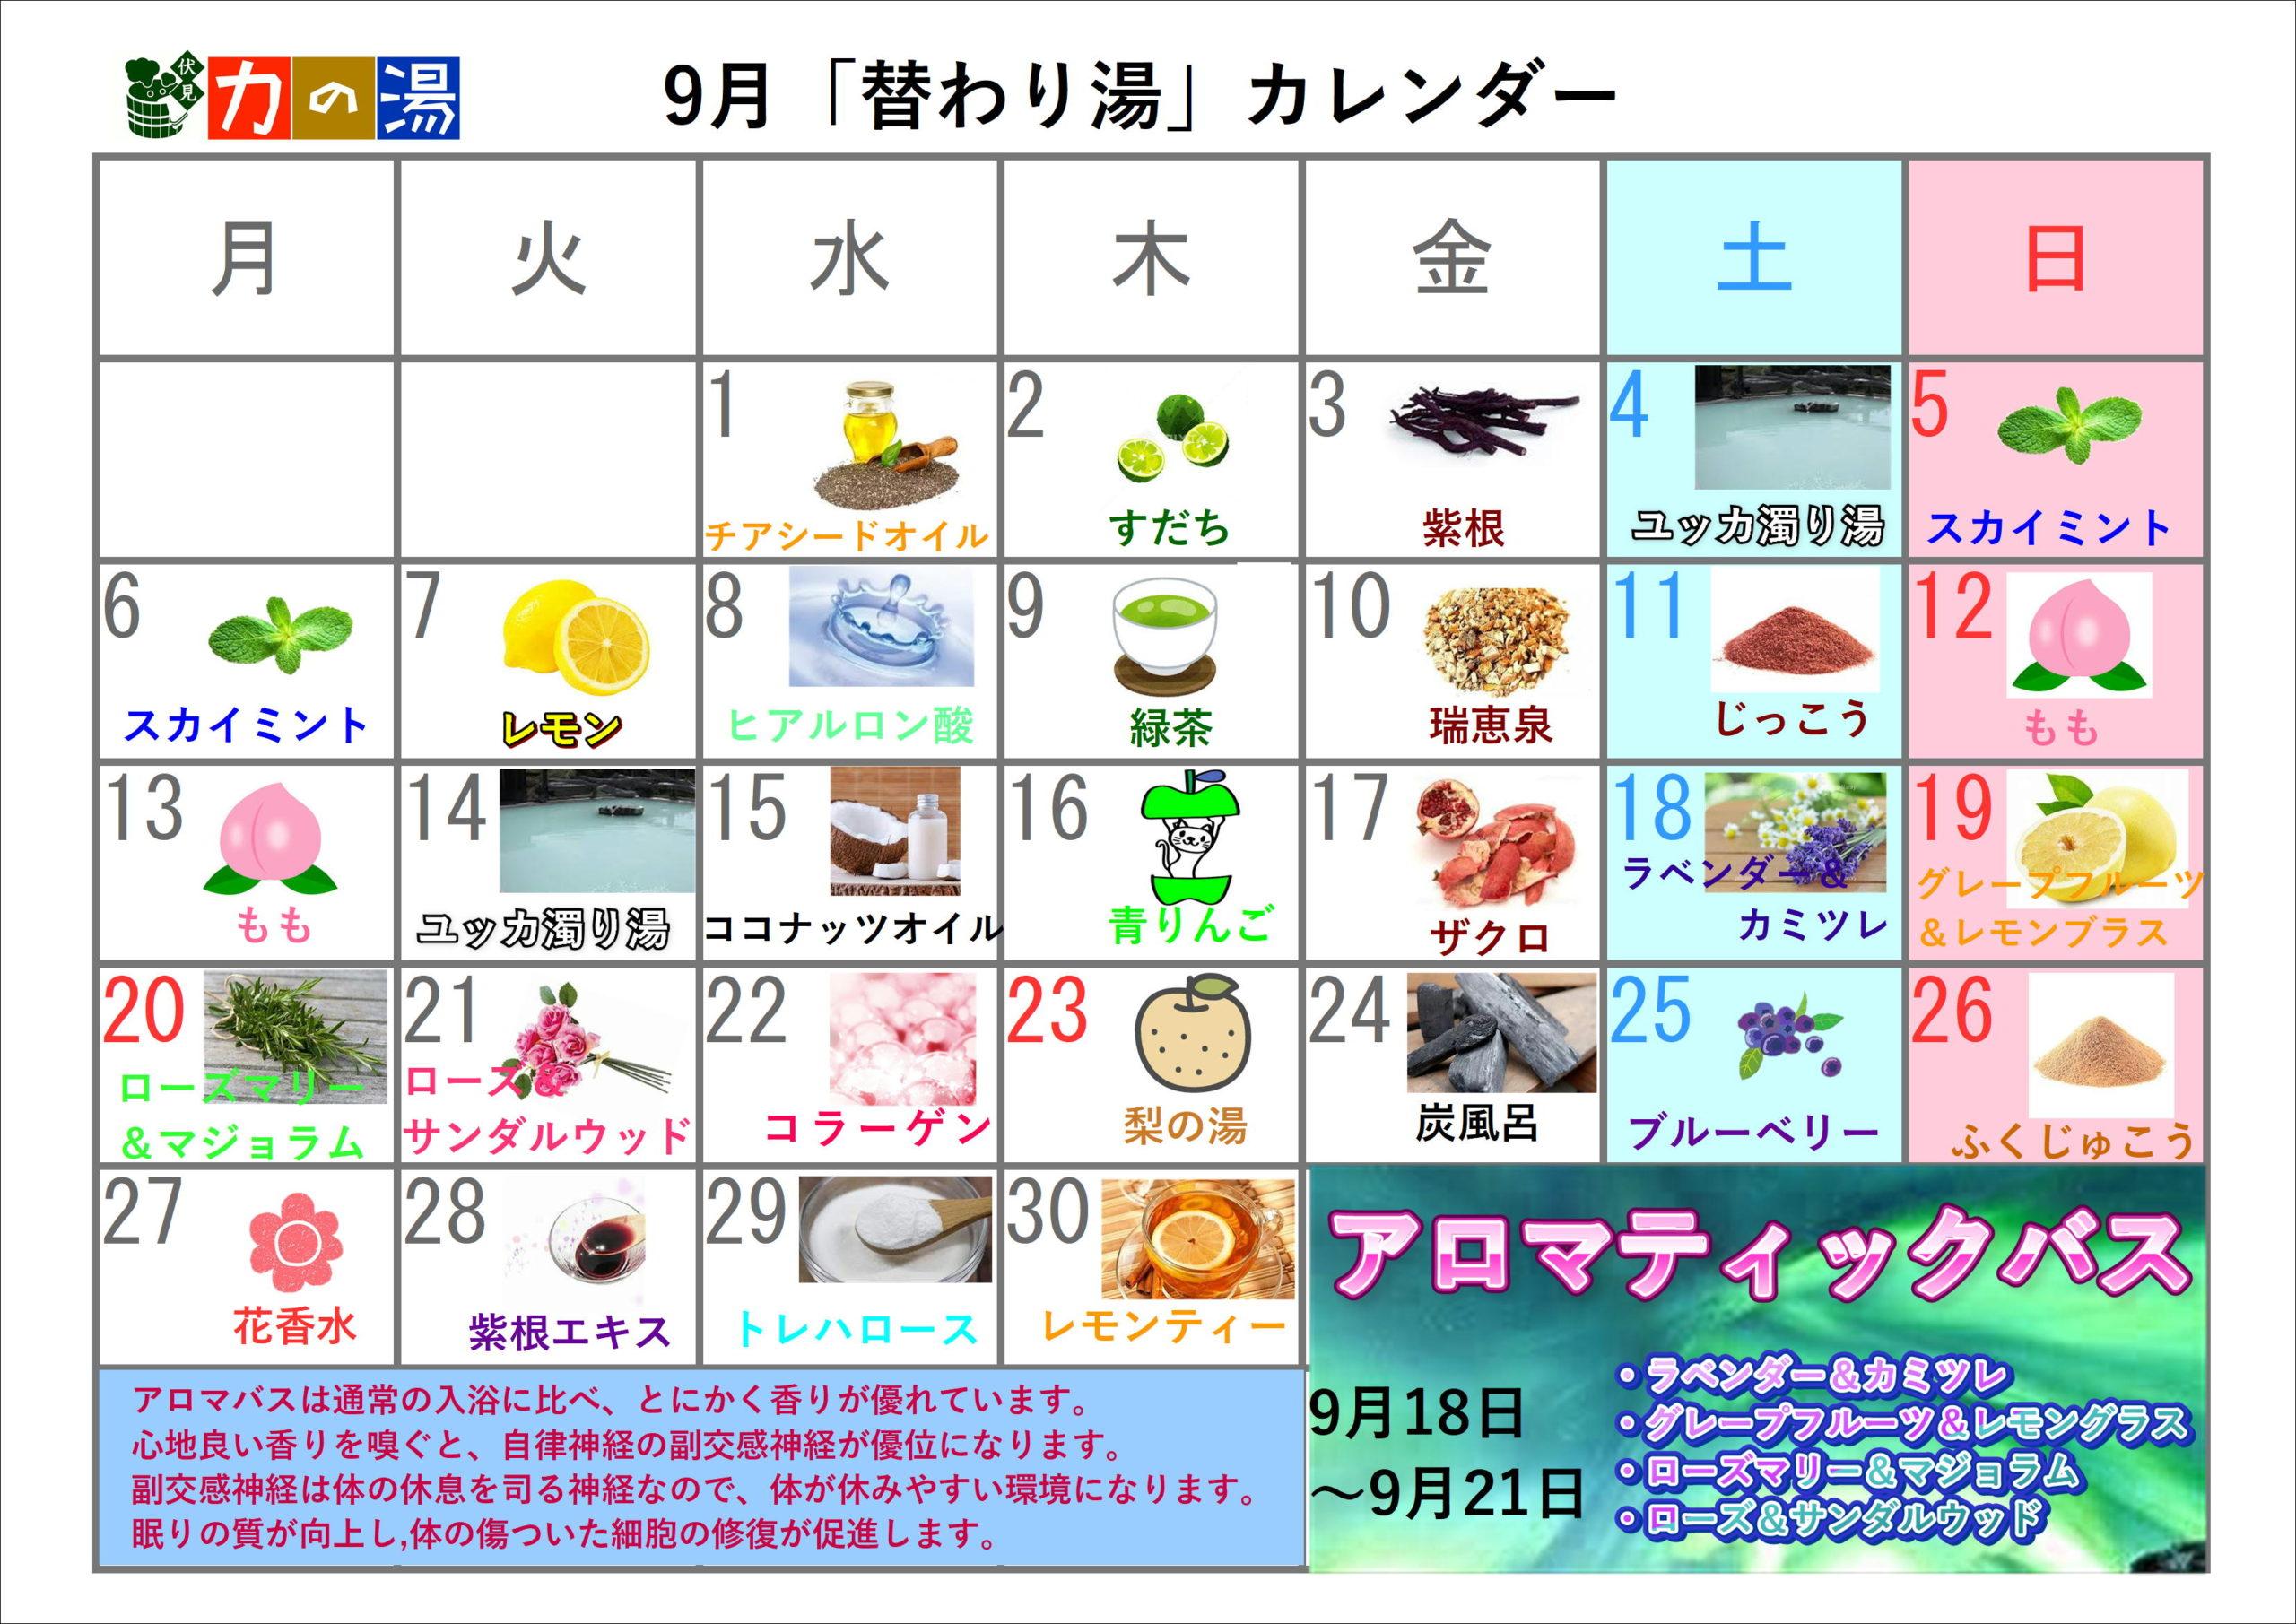 9月の日替わりカレンダー